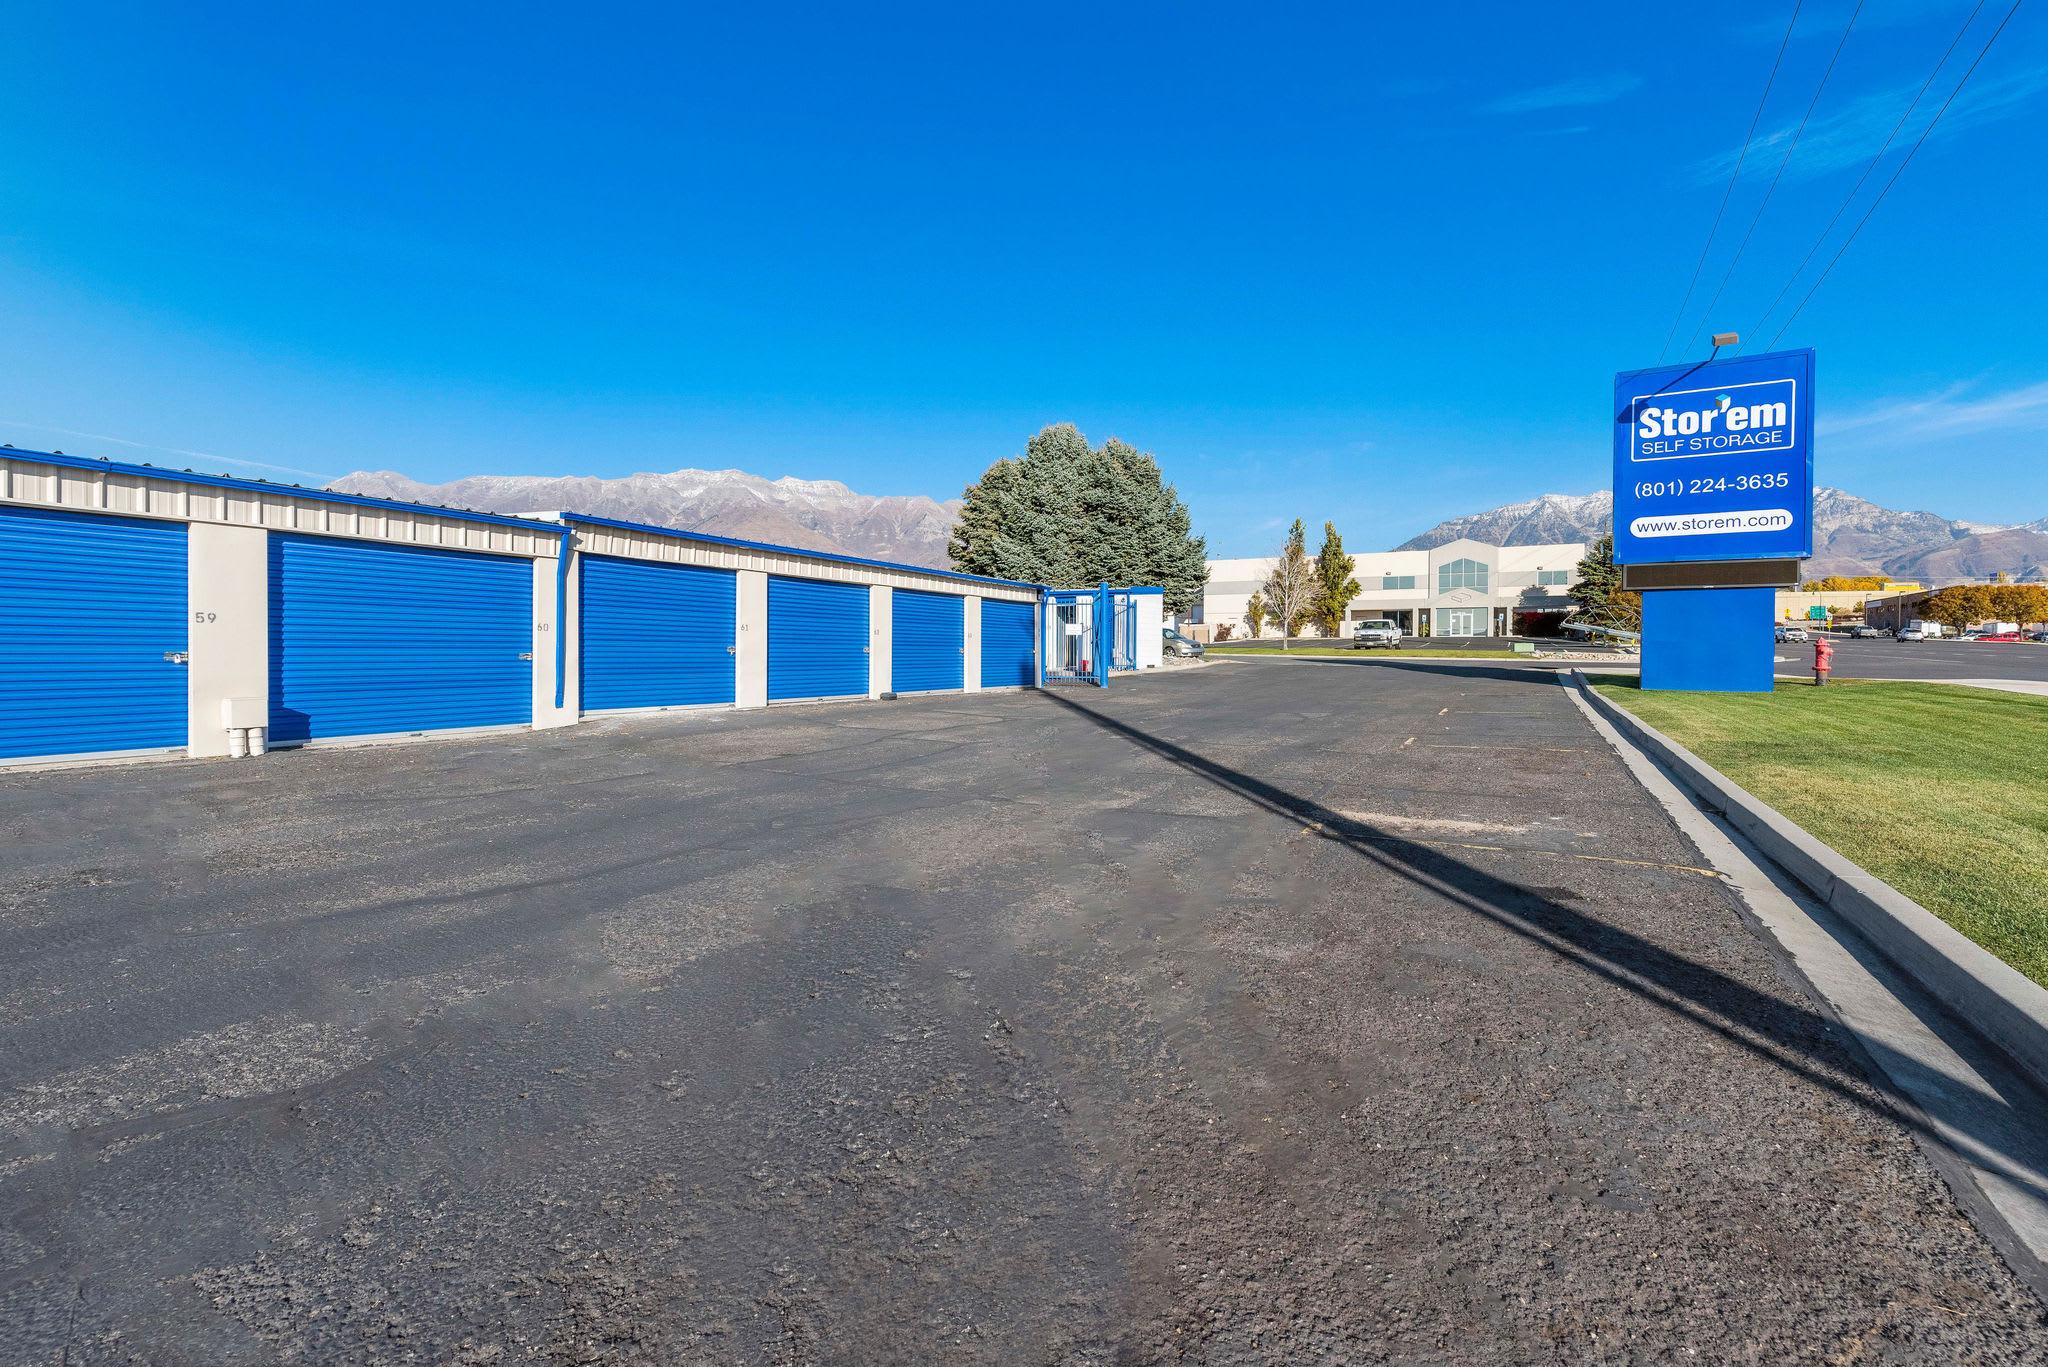 Driveway at Stor'em Self Storage in Orem, Utah